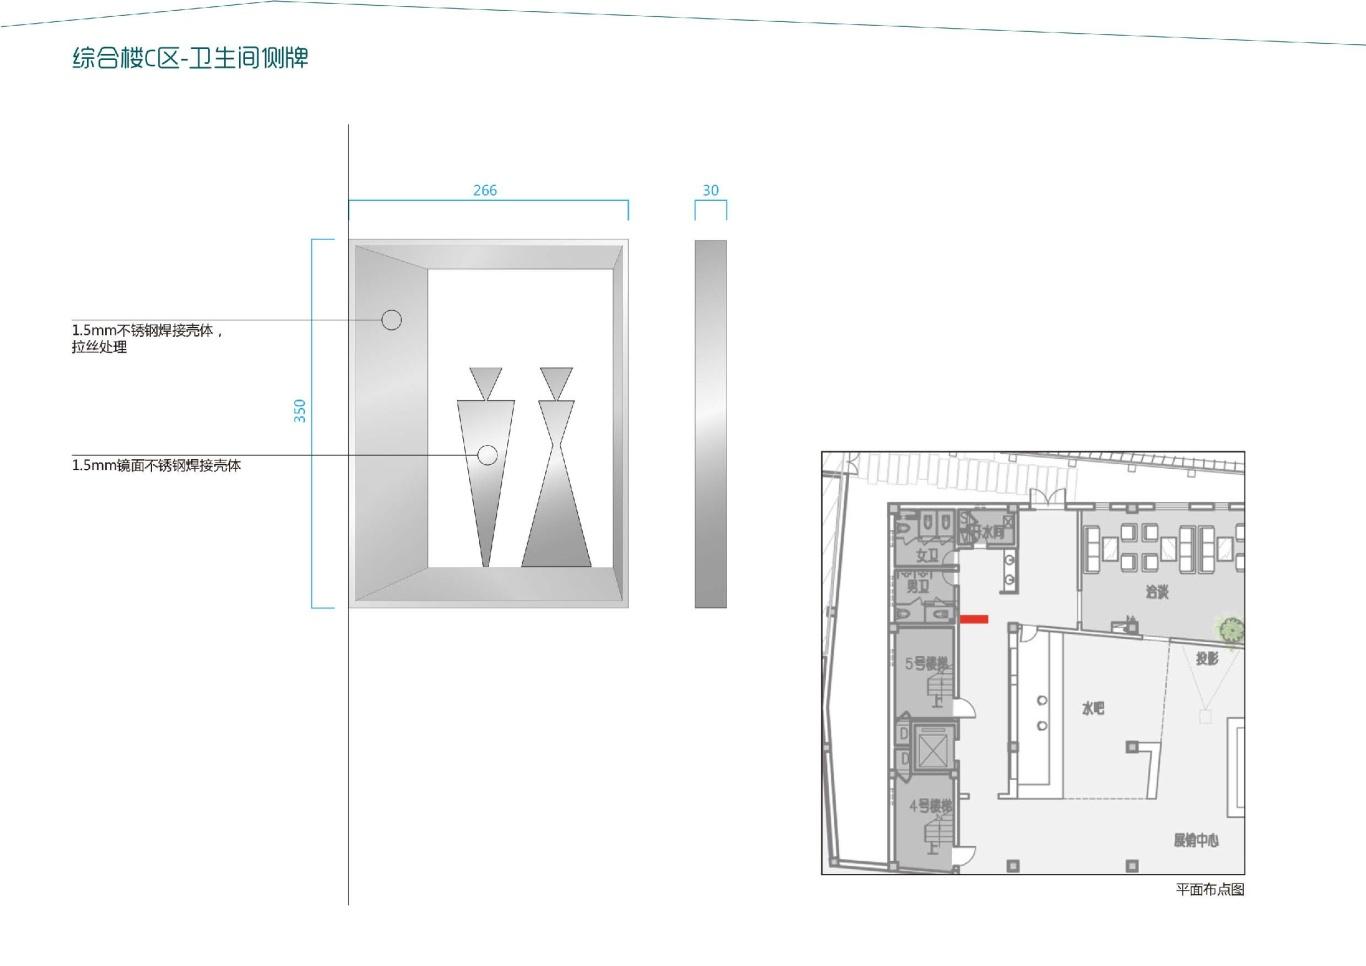 大连泰达慧谷开发区导视系统设计图40